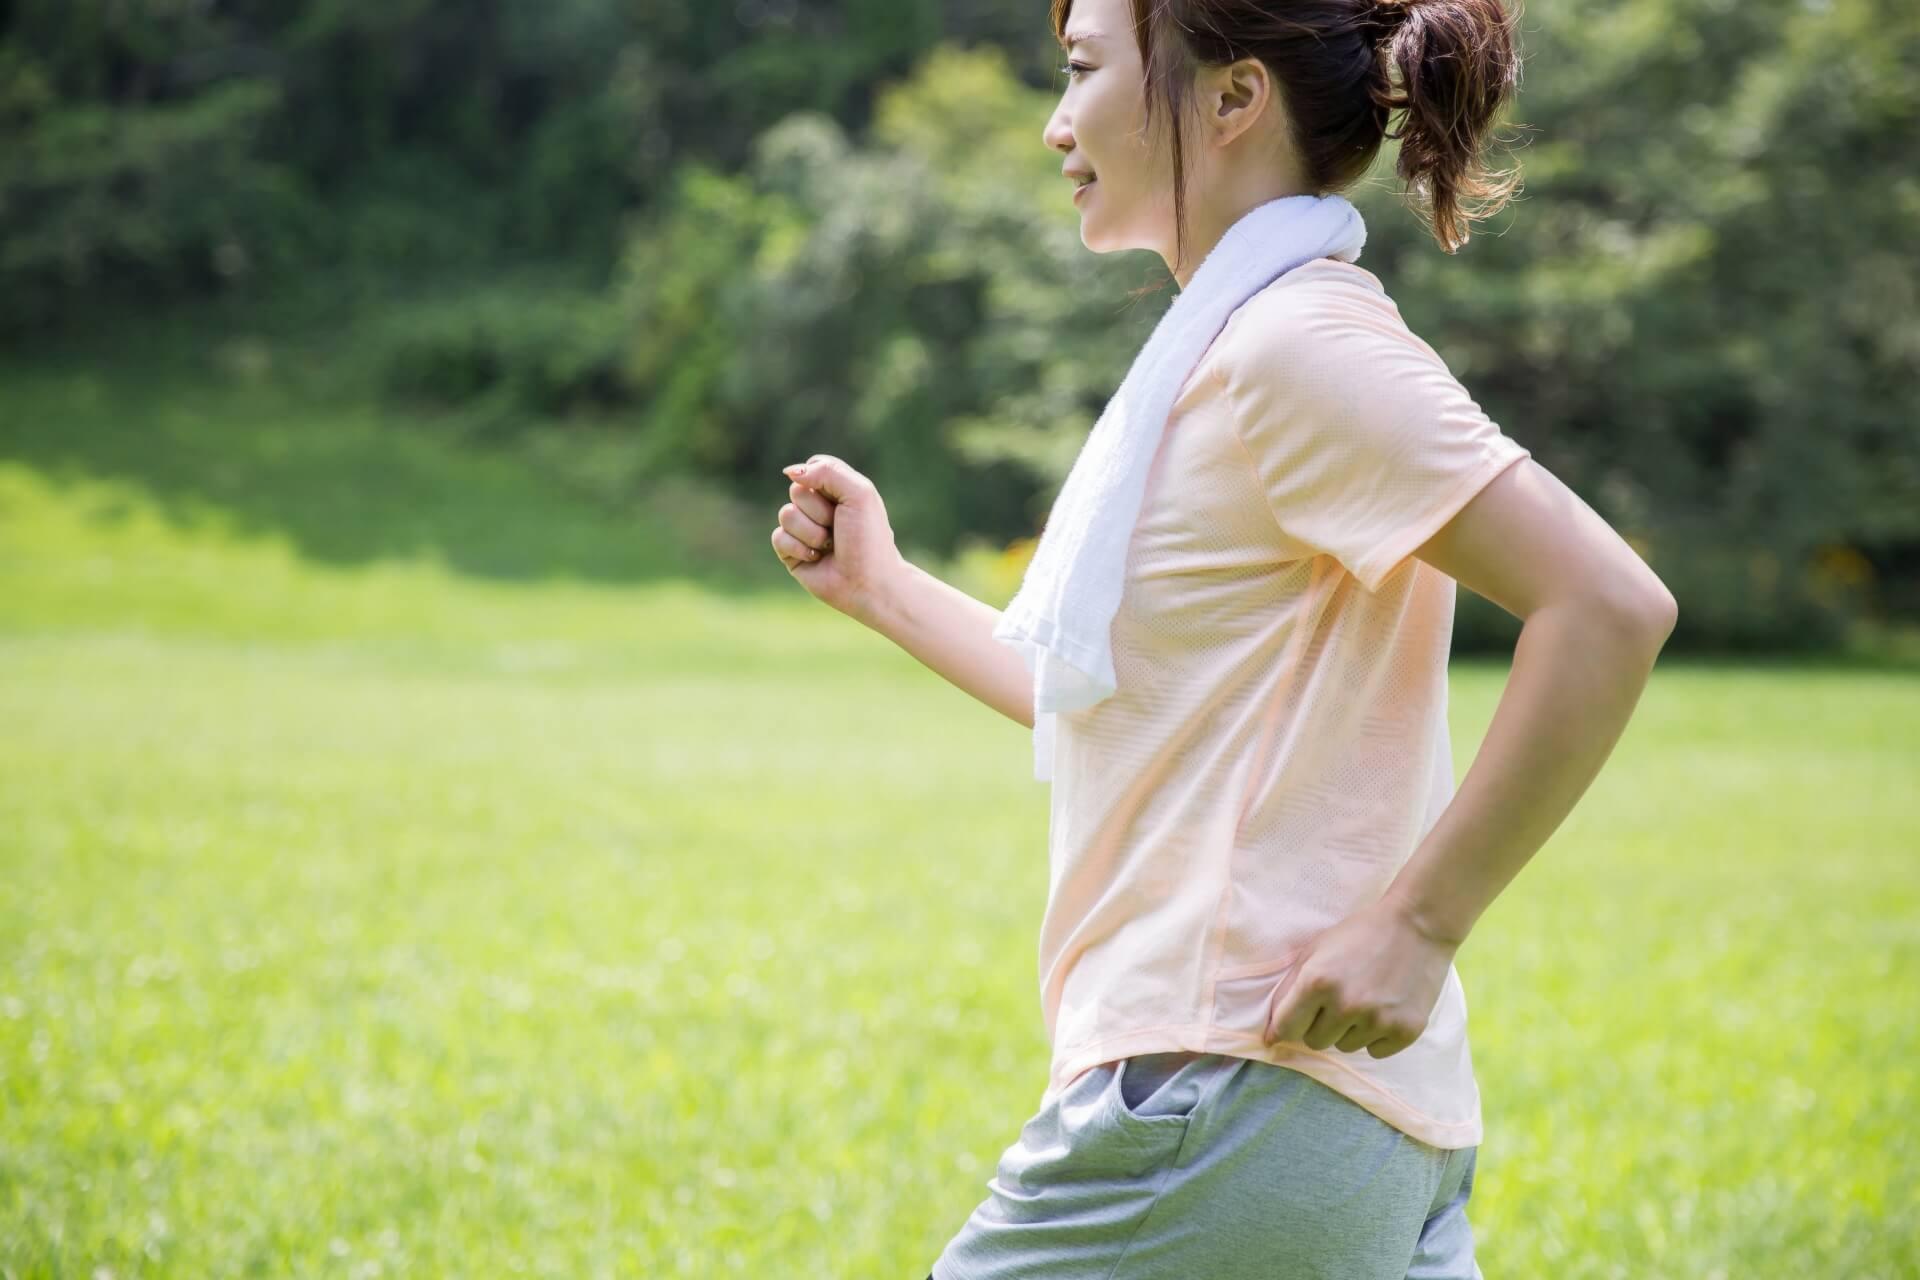 【切れ痔の予防方法】生活習慣の見直しが大切